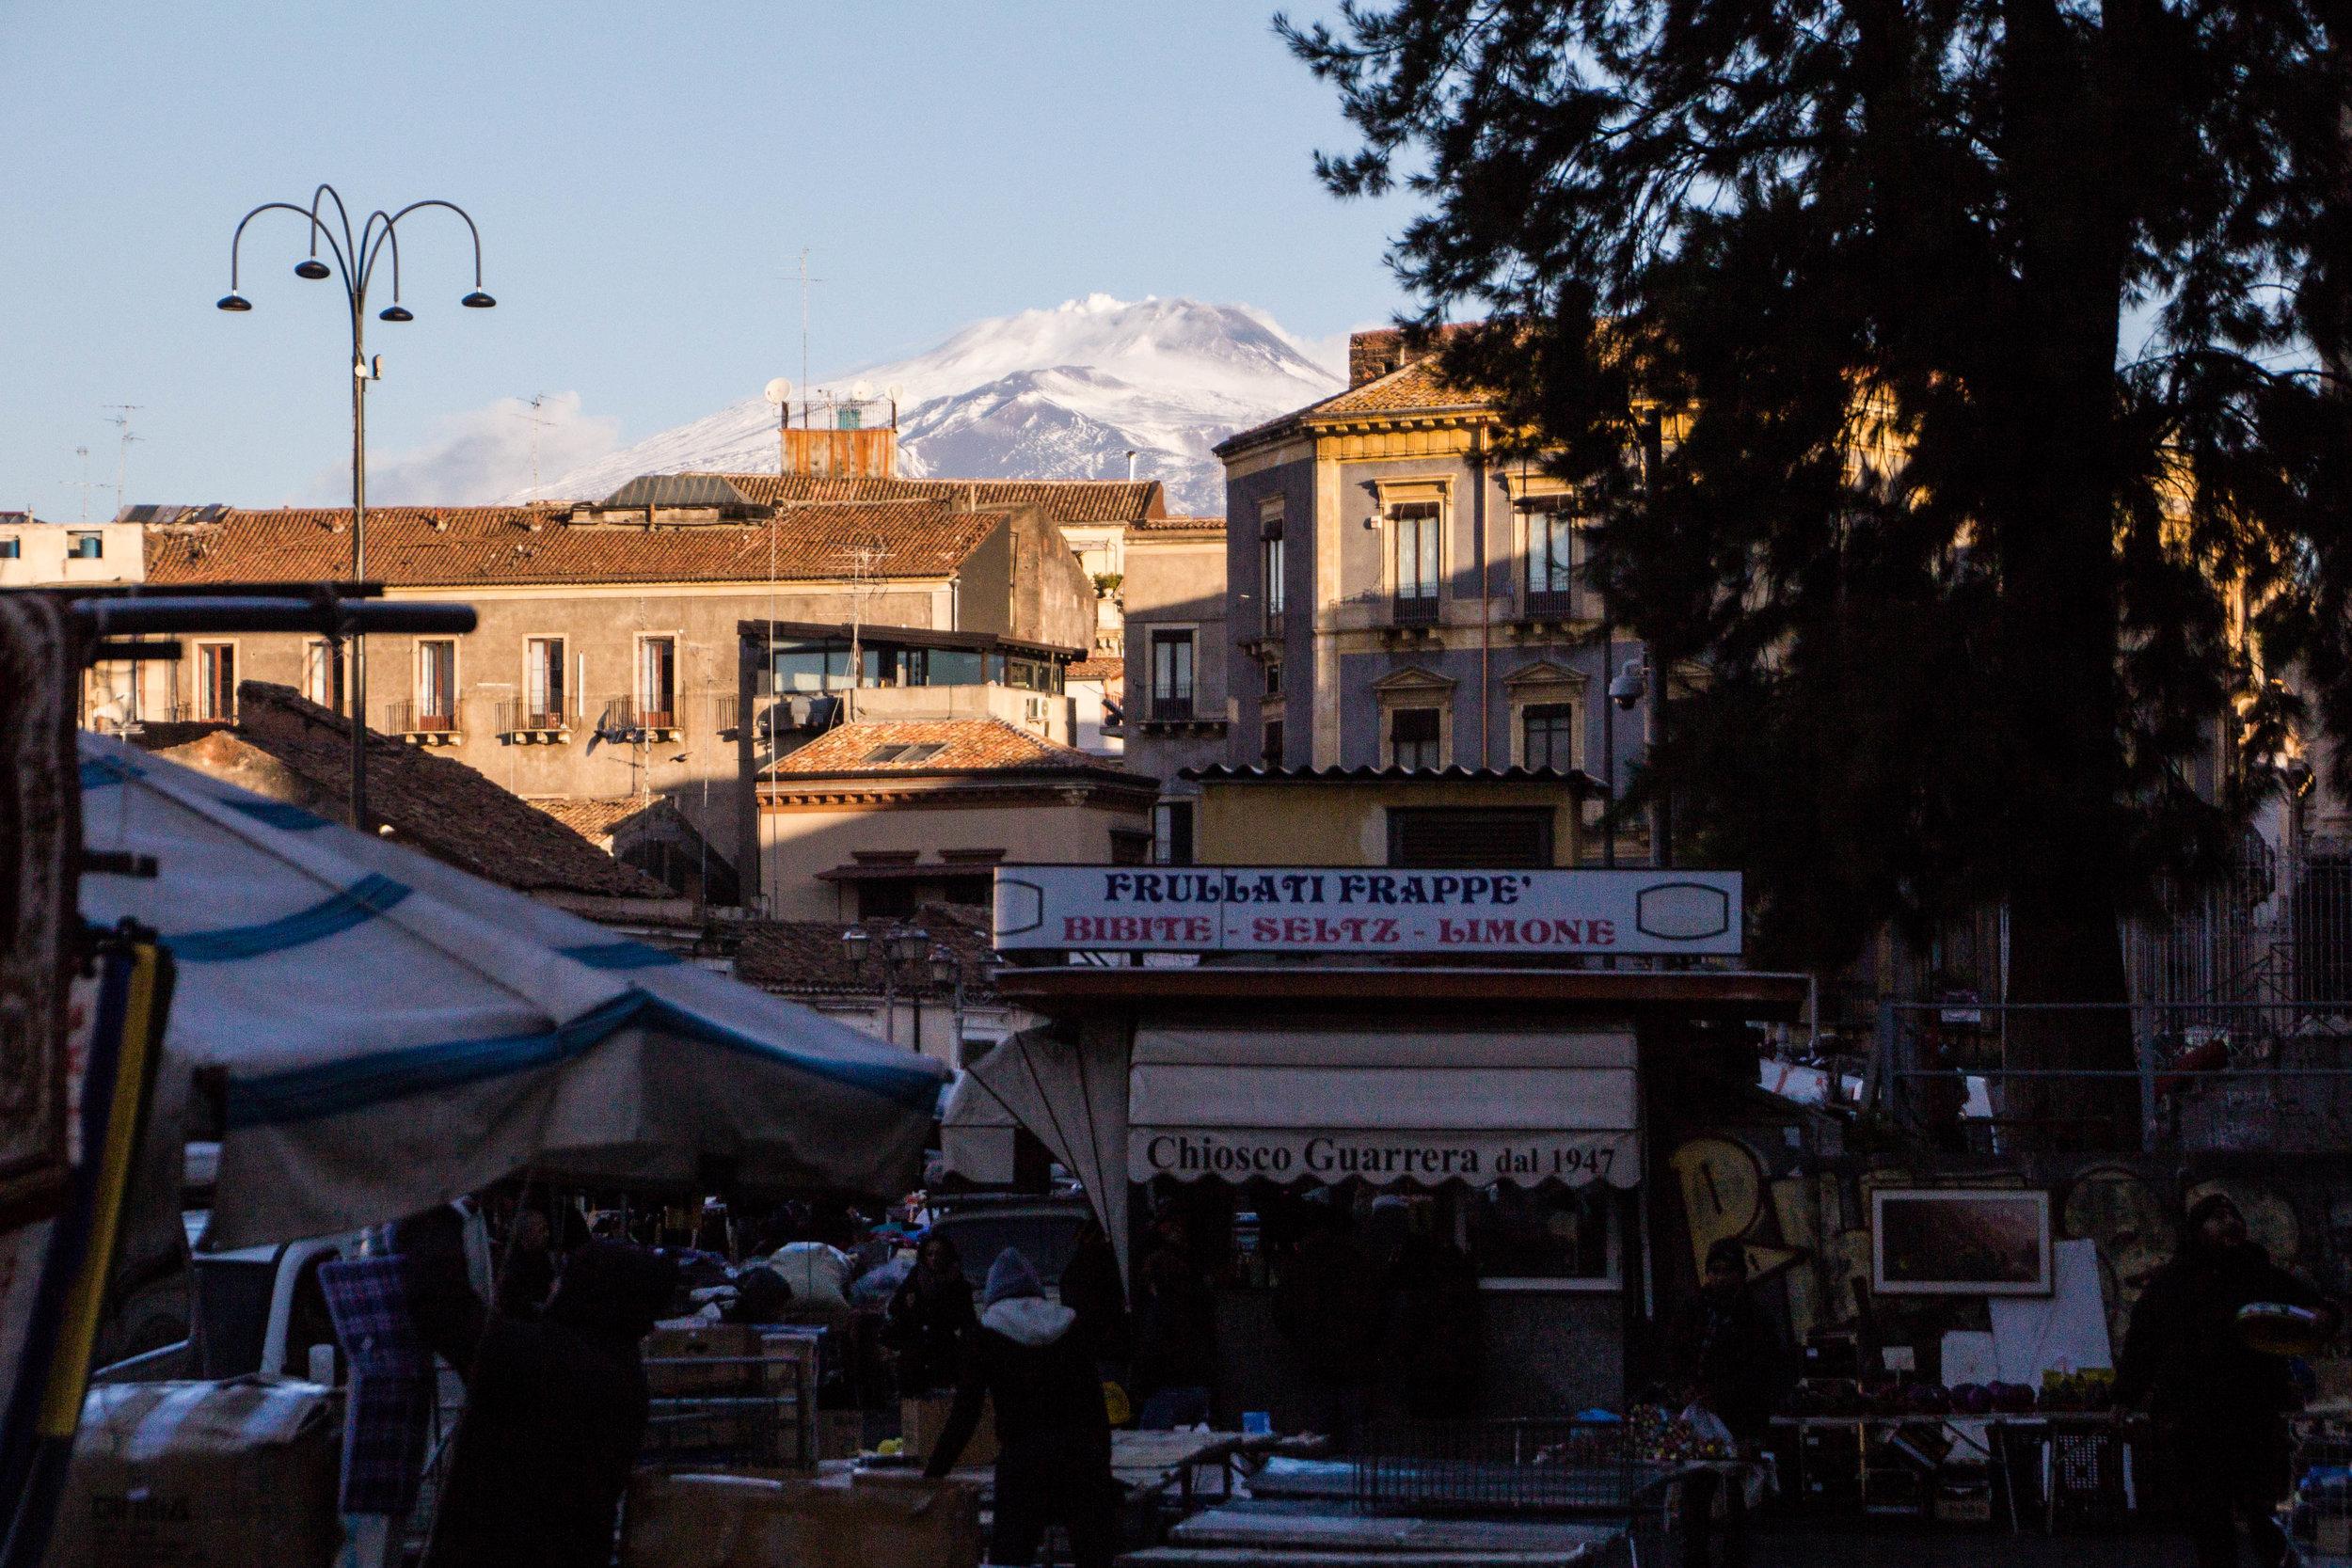 fish-market-catania-sicily-63.jpg